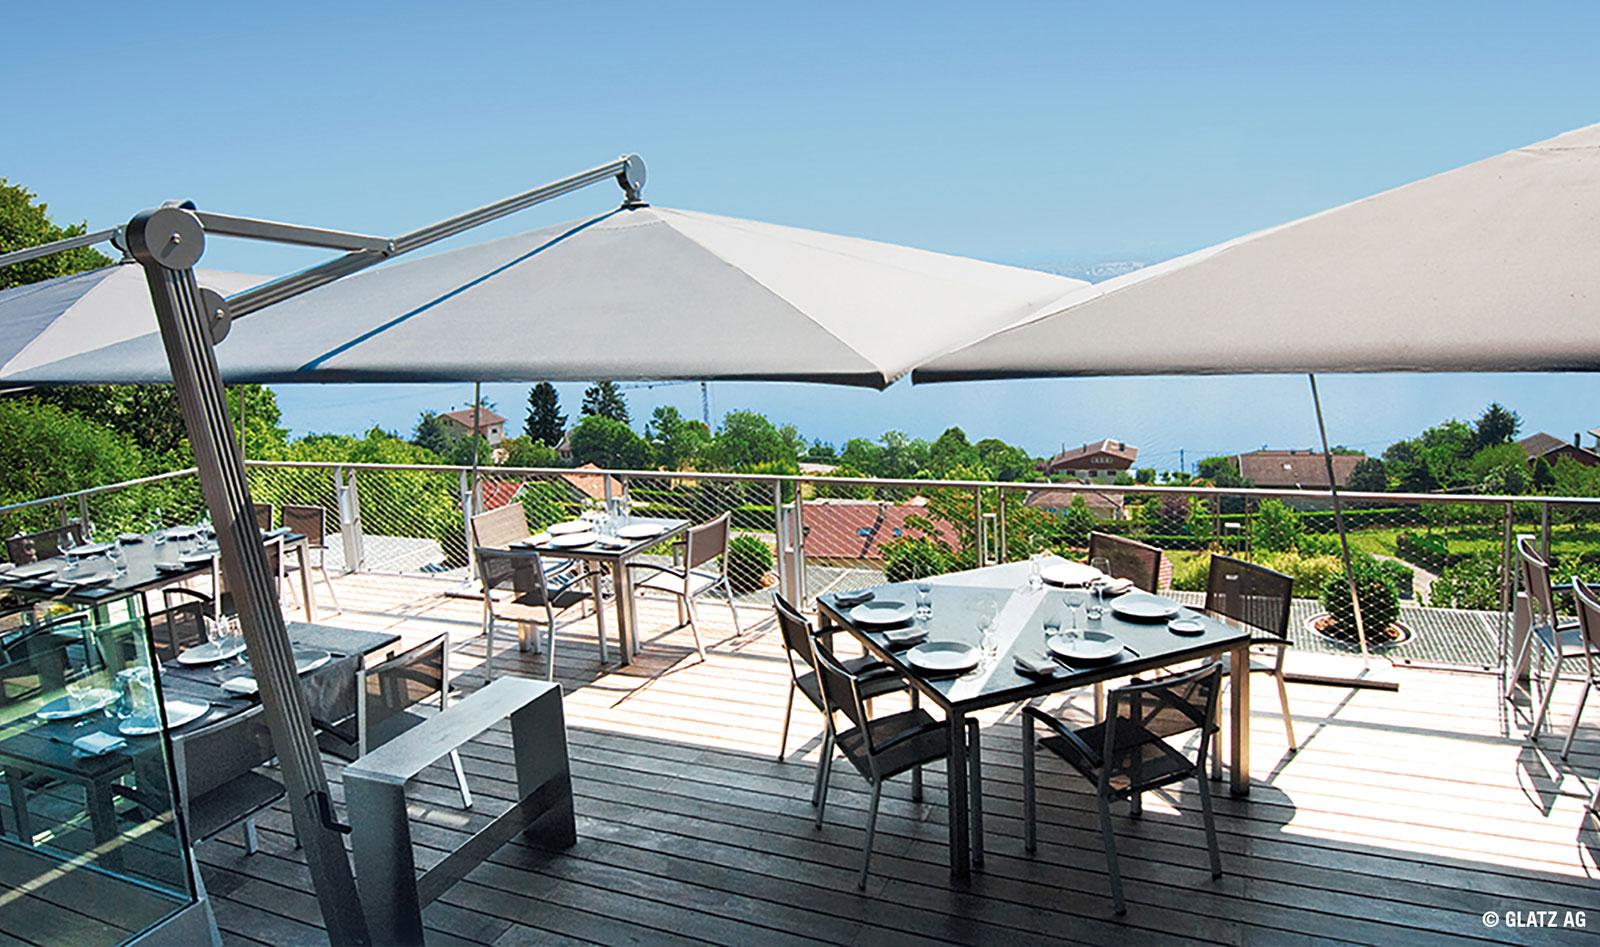 Auf Terassen in der Gastronomie sind große Sonnenschirme ideal